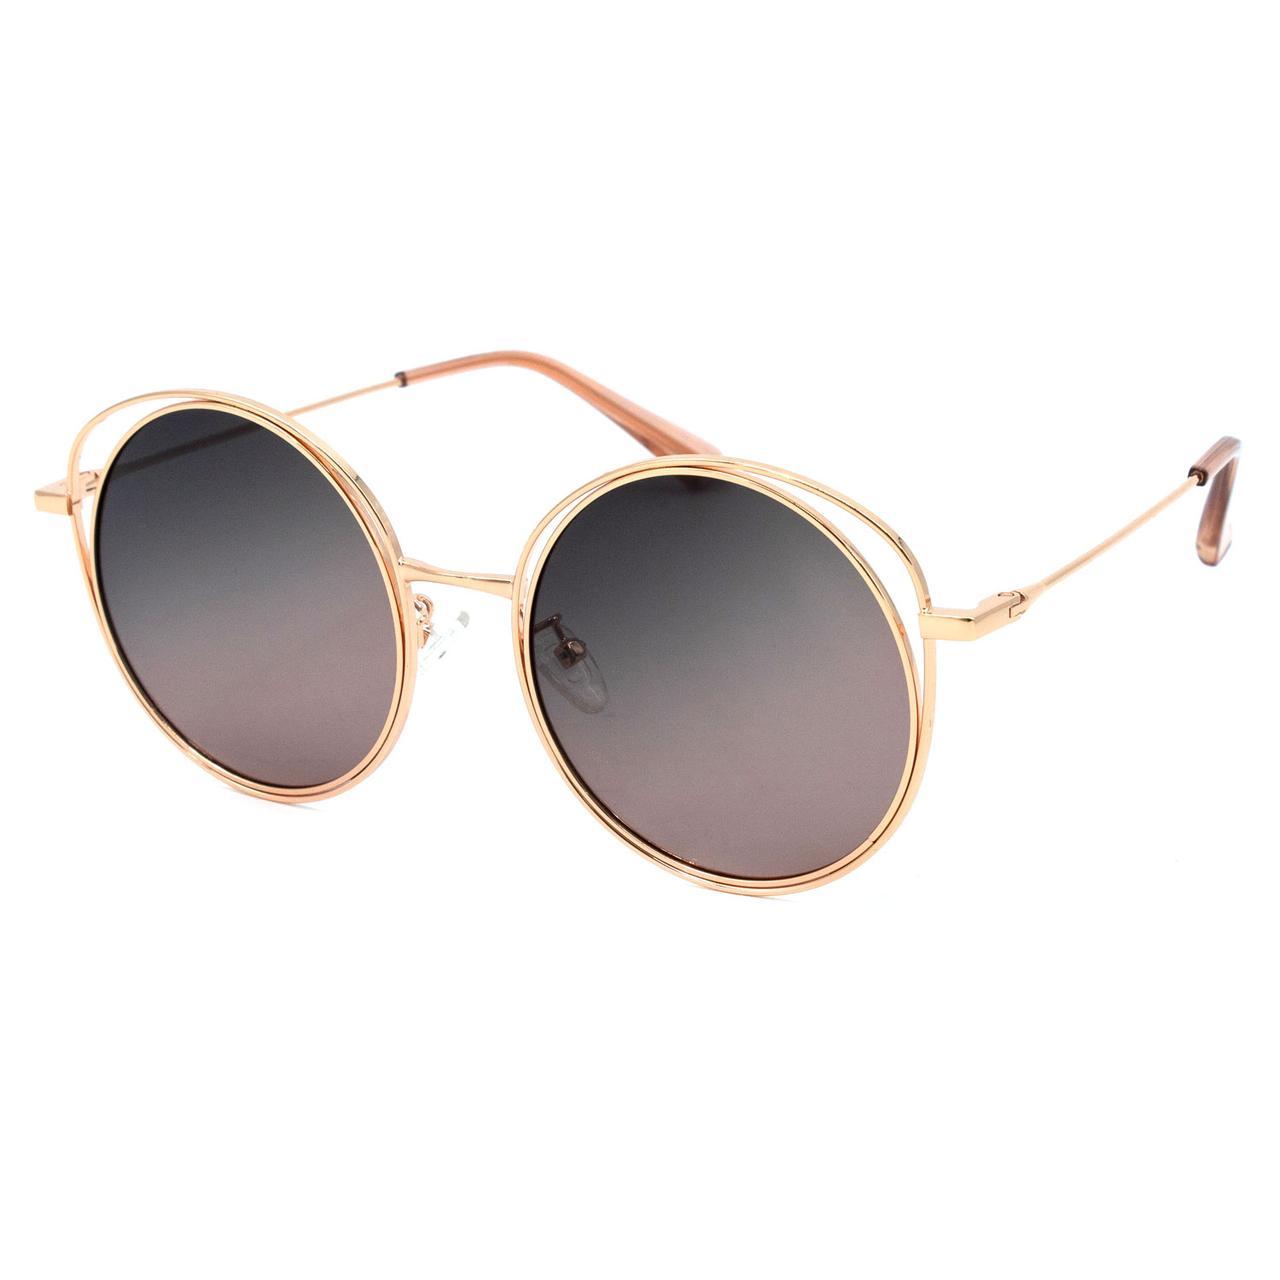 Солнцезащитные очки Marmilen Polar 29139 C3 розовые    ( 29139-03 )